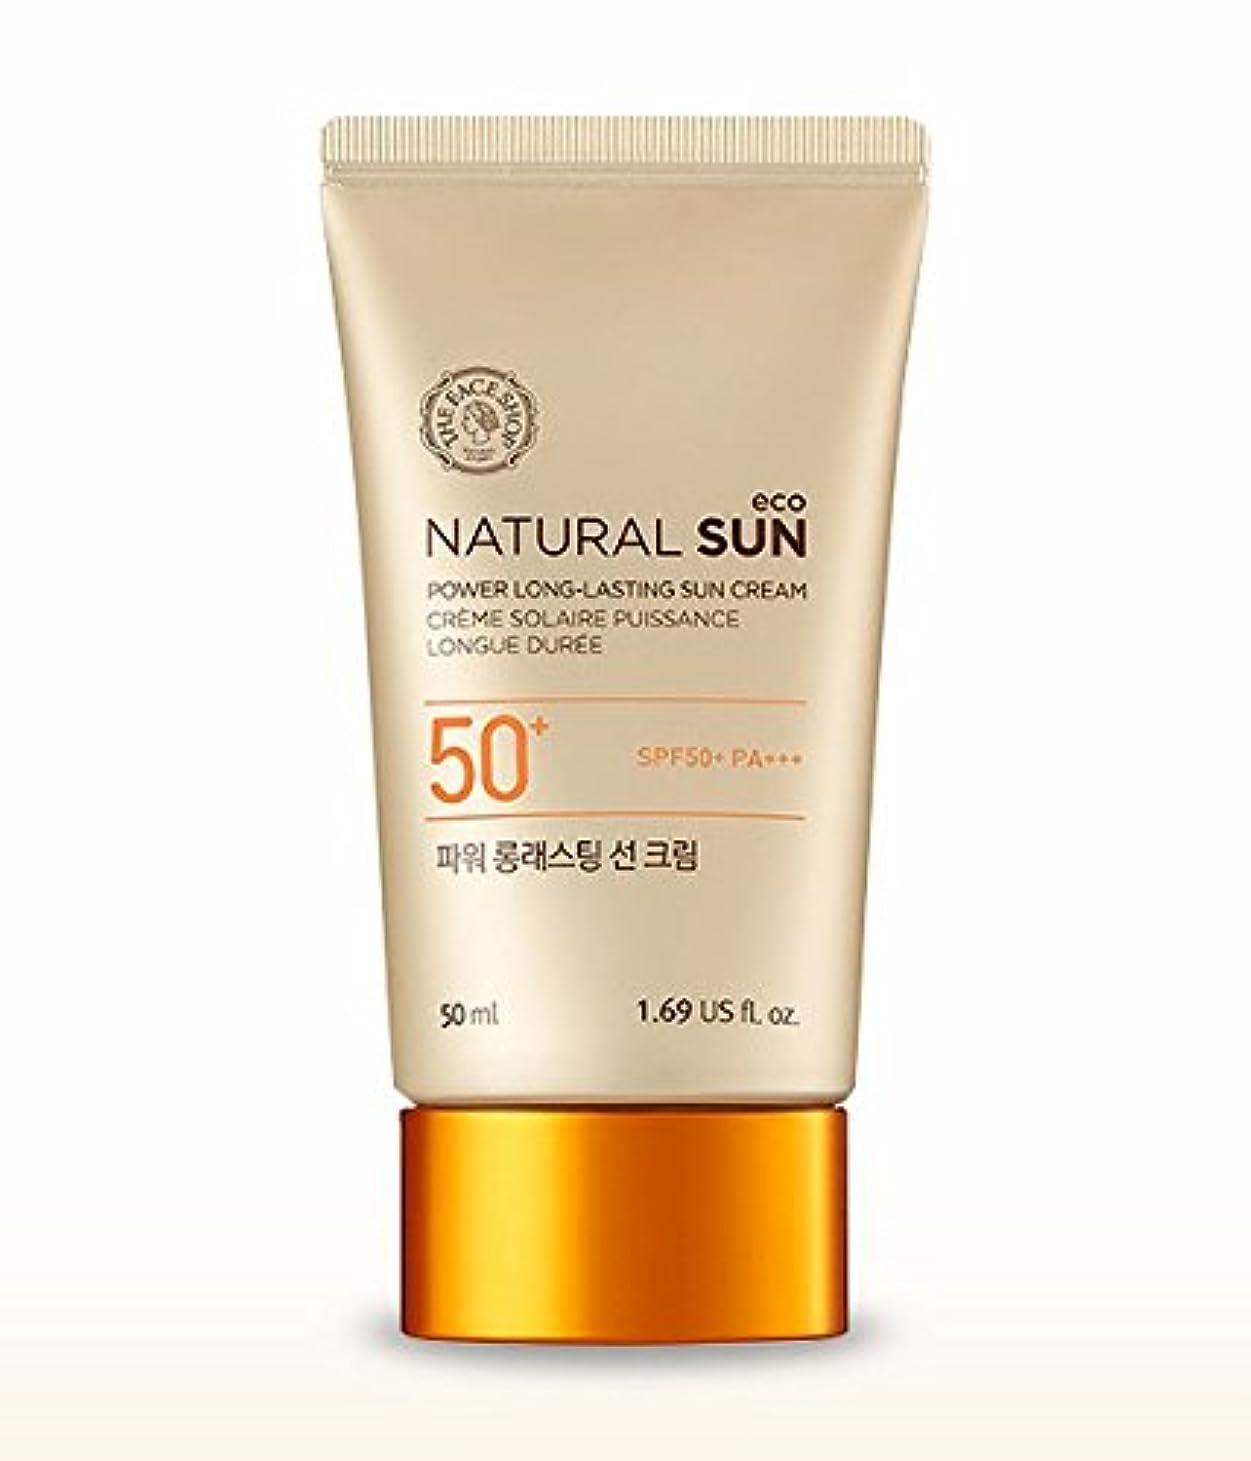 貸すパネル水陸両用THE FACE SHOP Natural Sun Eco Power Long Lasting Sun Cream 50mlザフェイスショップ ナチュラルサンパワーロングラスティングサンクリーム [並行輸入品]